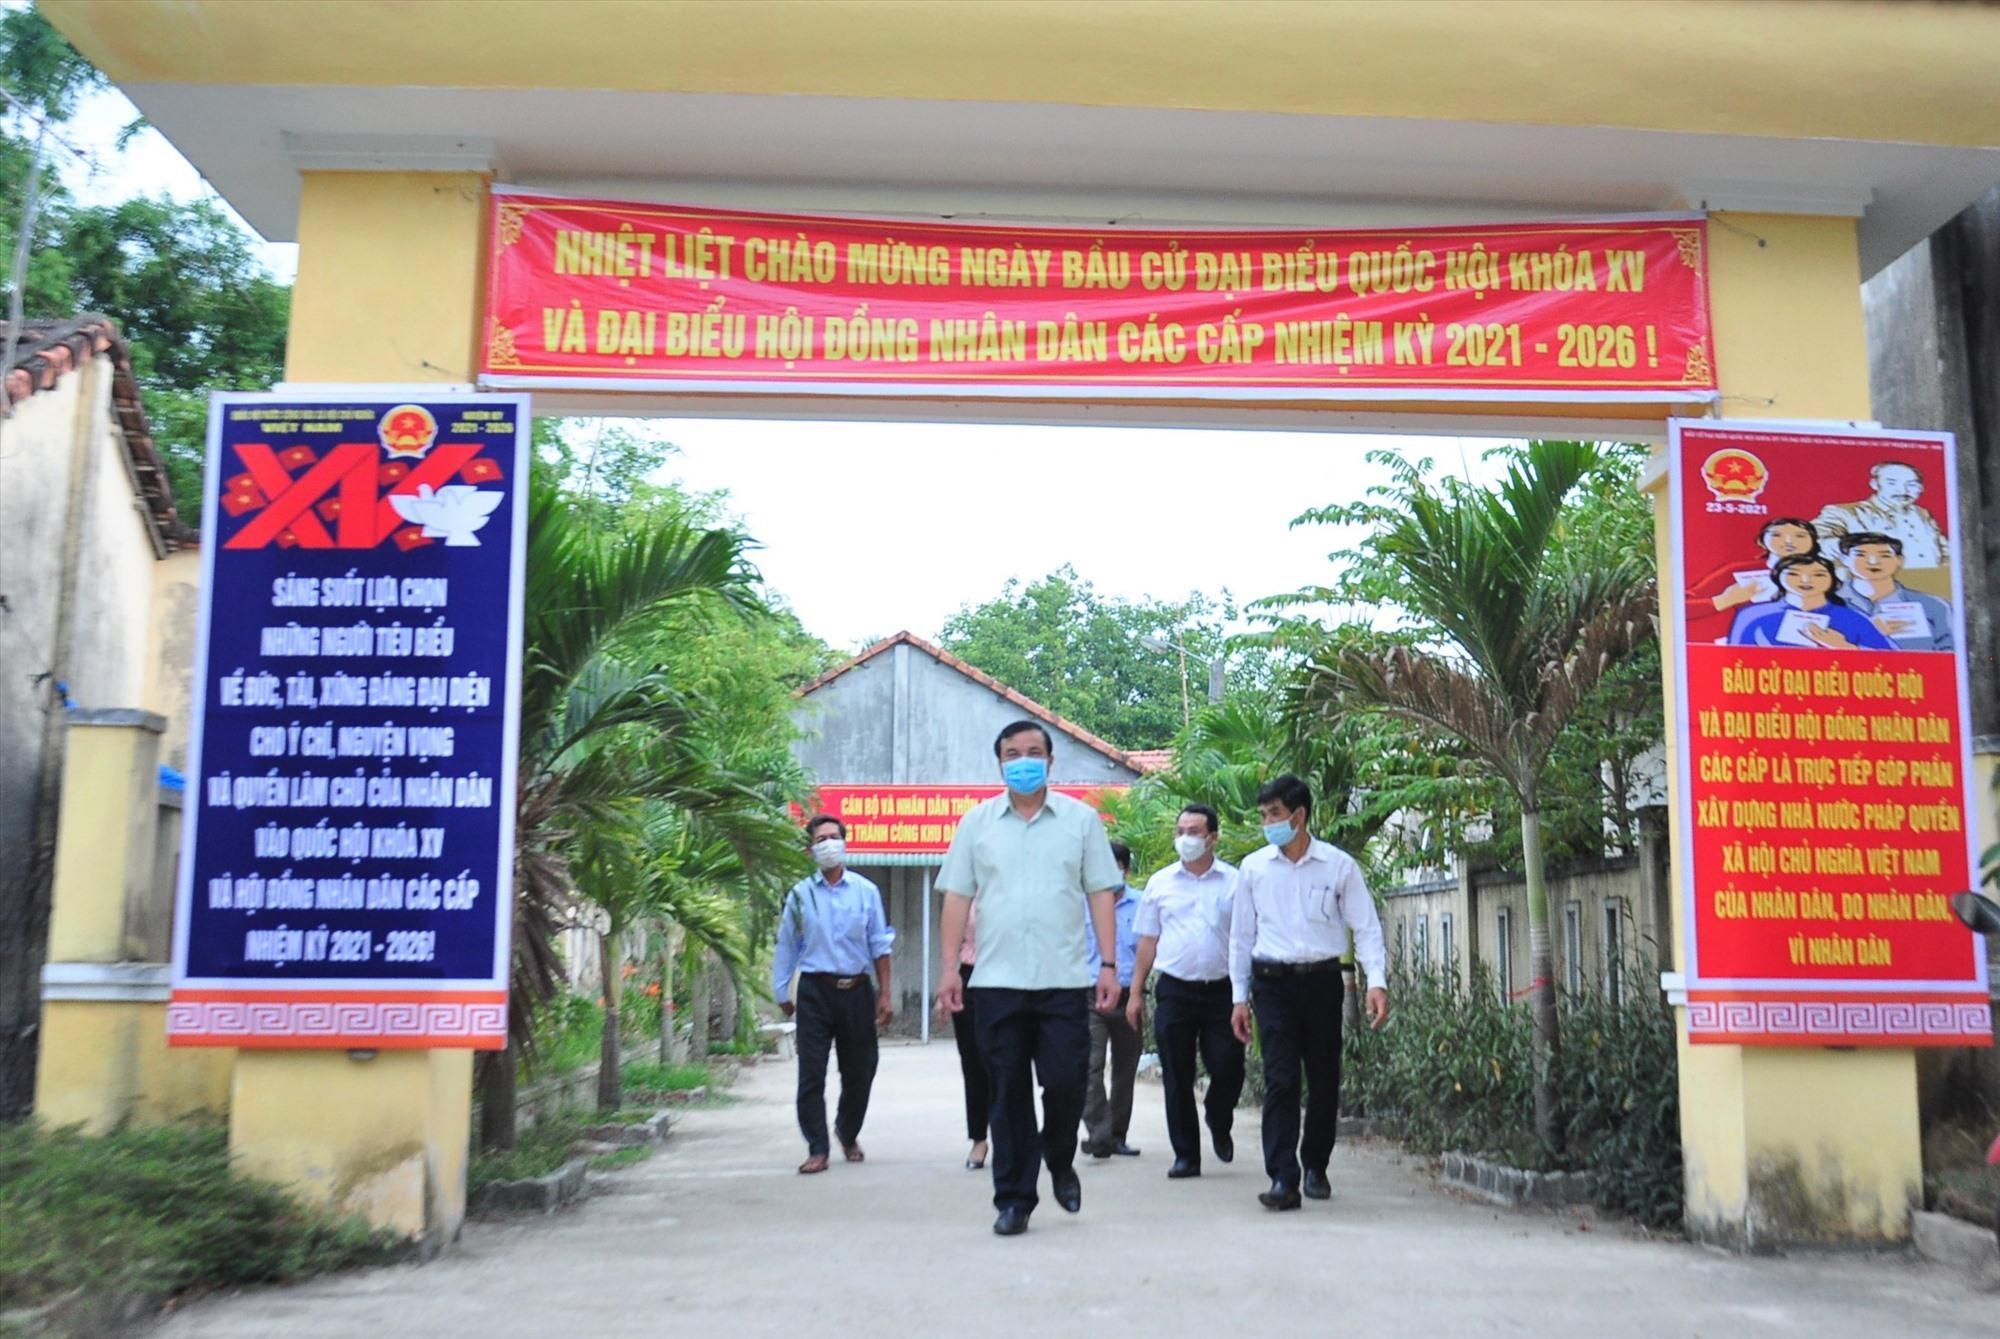 Việc trang trí tuyên truyền bầu cử tại khu vực bỏ phiếu thôn An Hòa (xã Tam An). Ảnh: VINH ANH